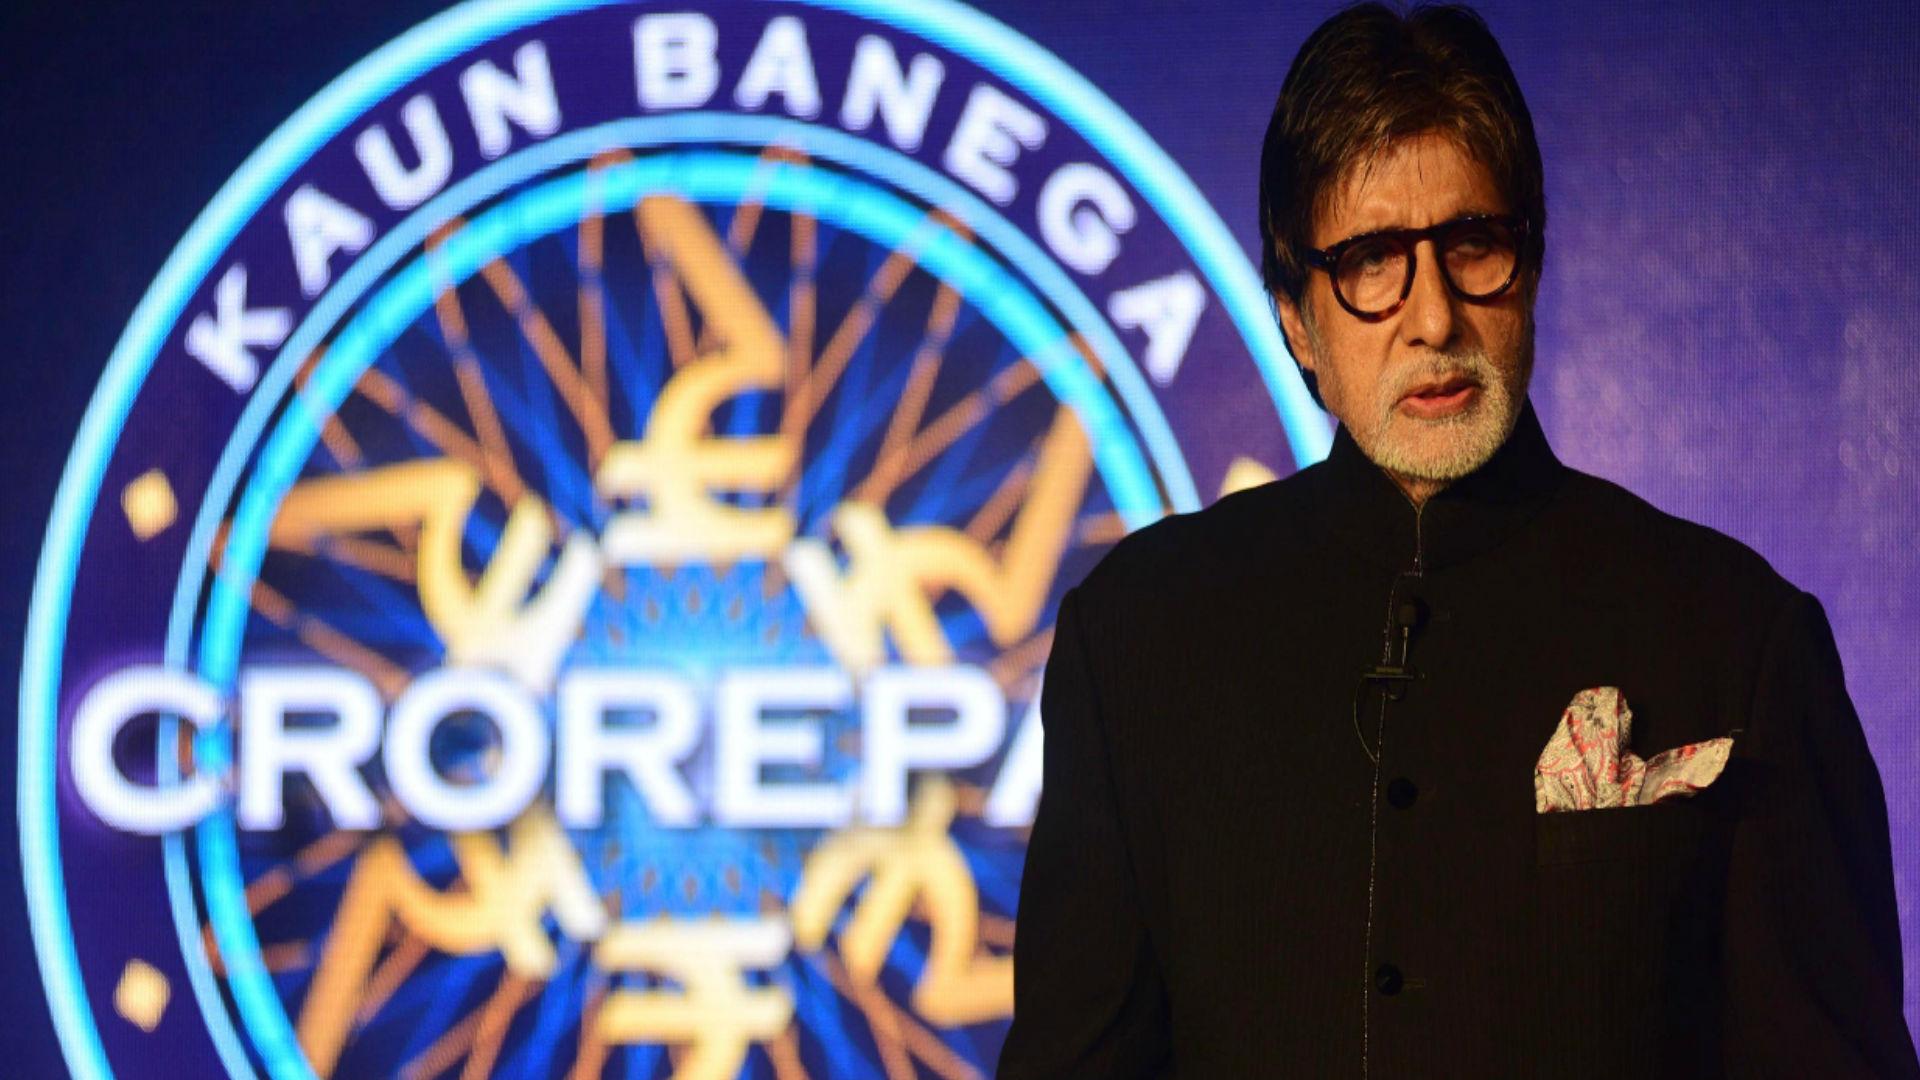 कौन बनेगा करोड़पति का प्रोमो जारी, 1 मई से अमिताभ बच्चन के सवालों का जवाब देकर बने शो का हिस्सा